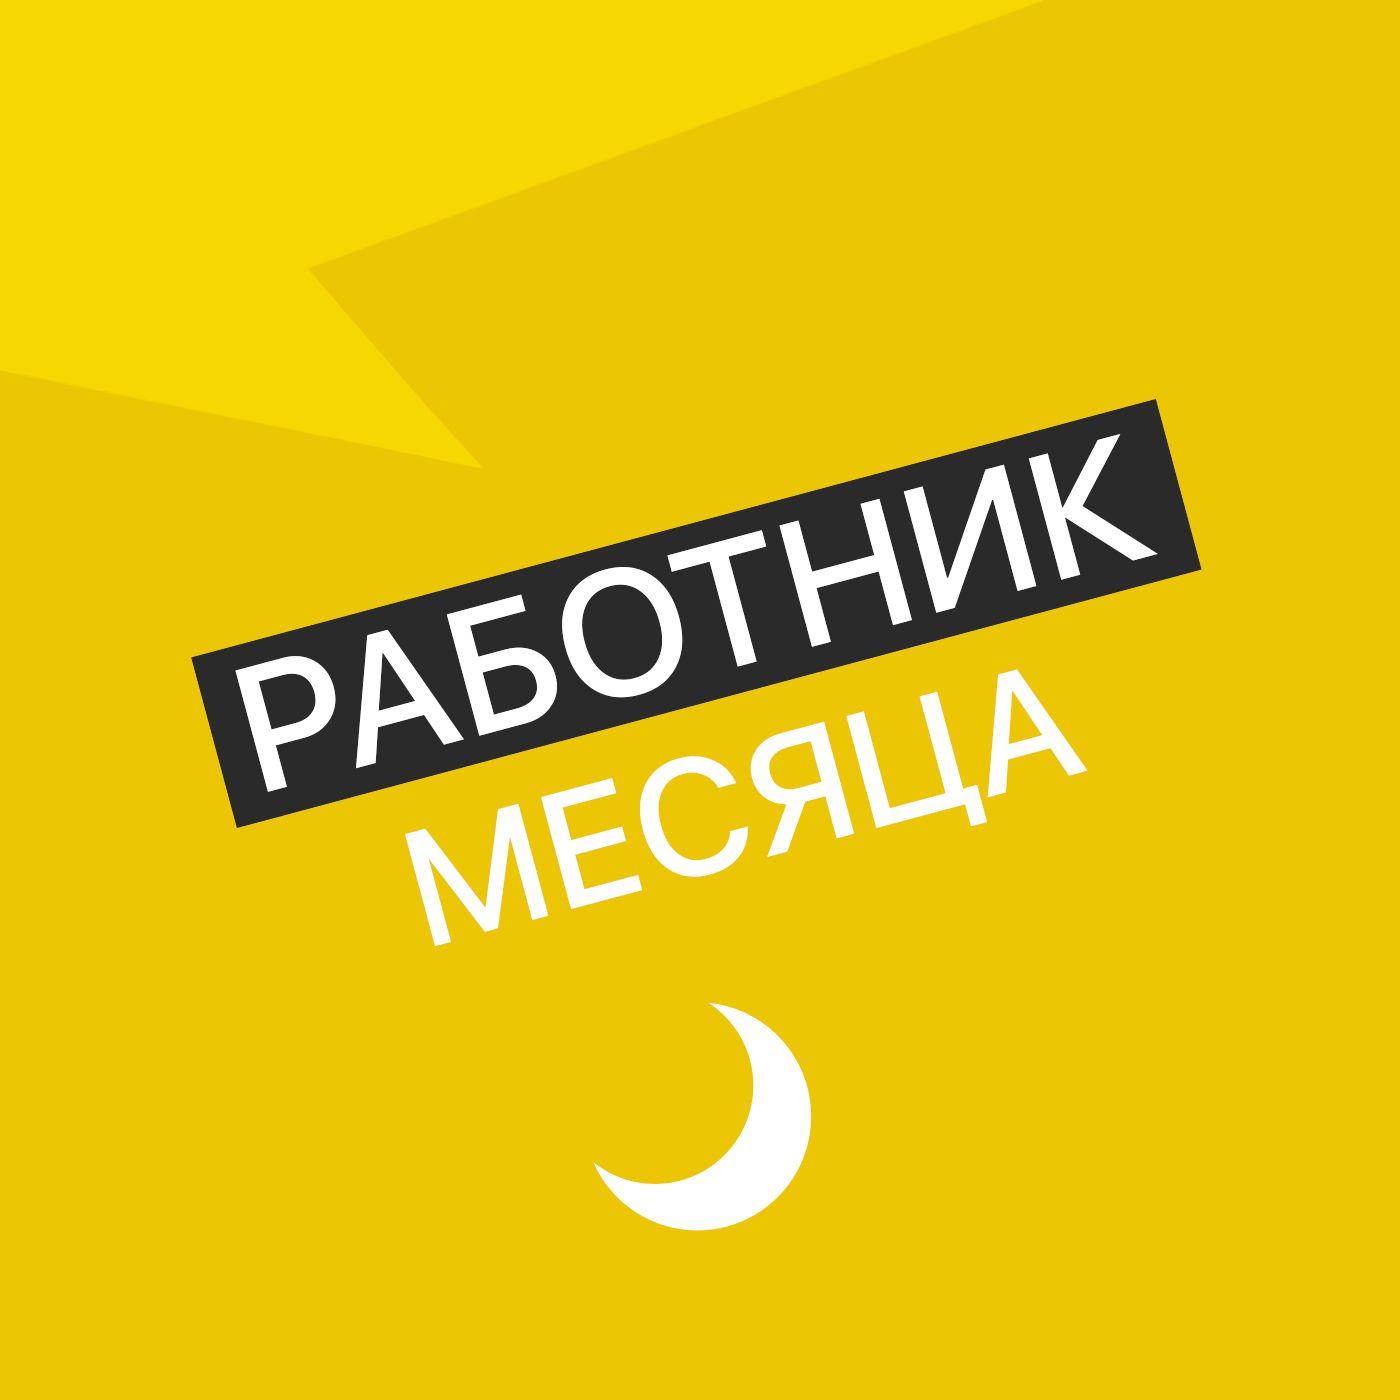 Творческий коллектив Mojomedia Музыкант творческий коллектив mojomedia владелец квесткомнаты